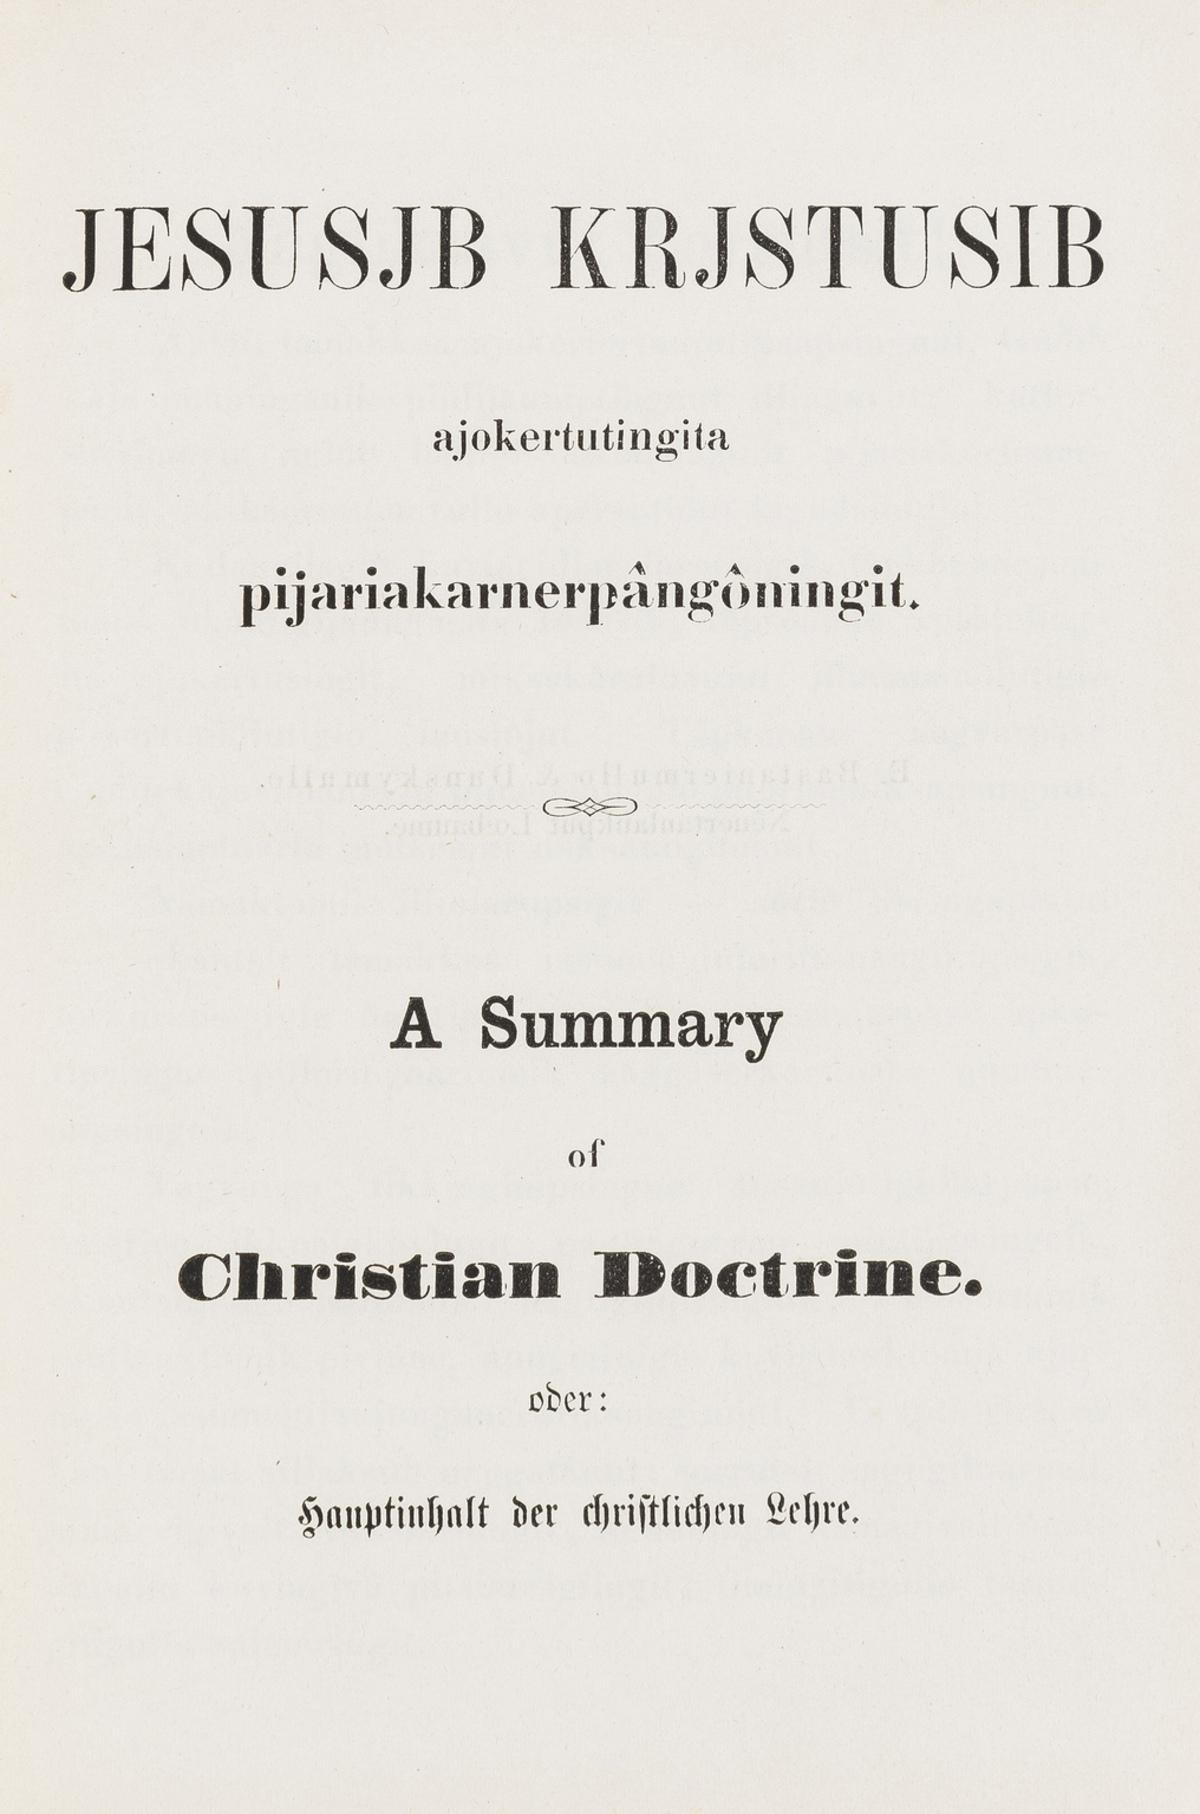 Inuktitut language.- Jesusjb Krjstusib ajokertutingita pijariakarnerpangoningit, Lobau, E. …